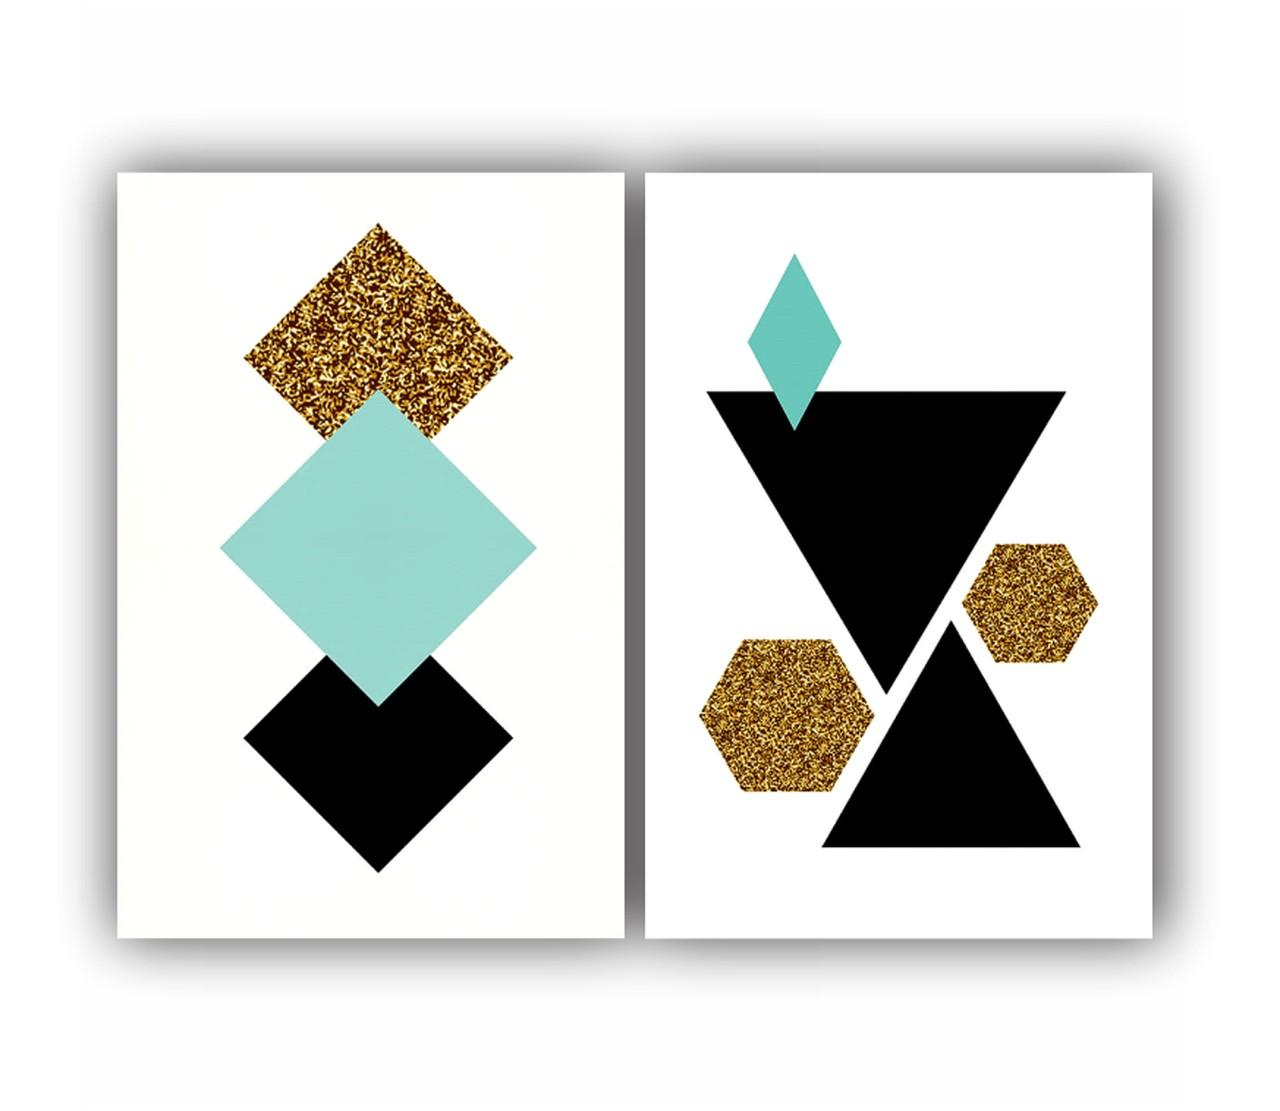 Quadro Abstrato Geométrico Azul Preto e Dourado com Glitter - Kit 2 telas